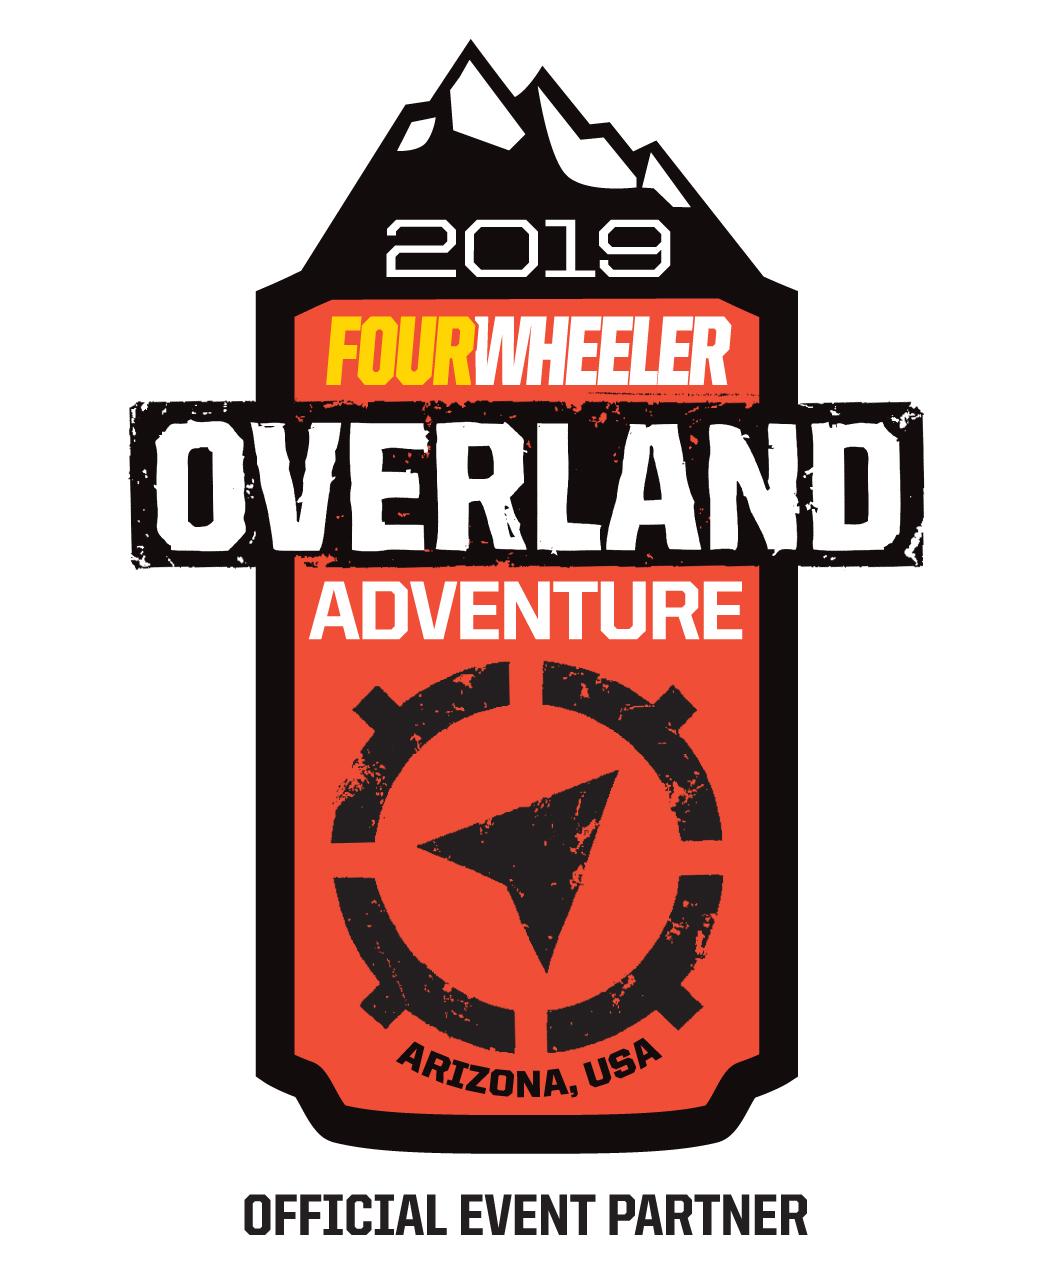 overland_fw_eventpartner.jpg